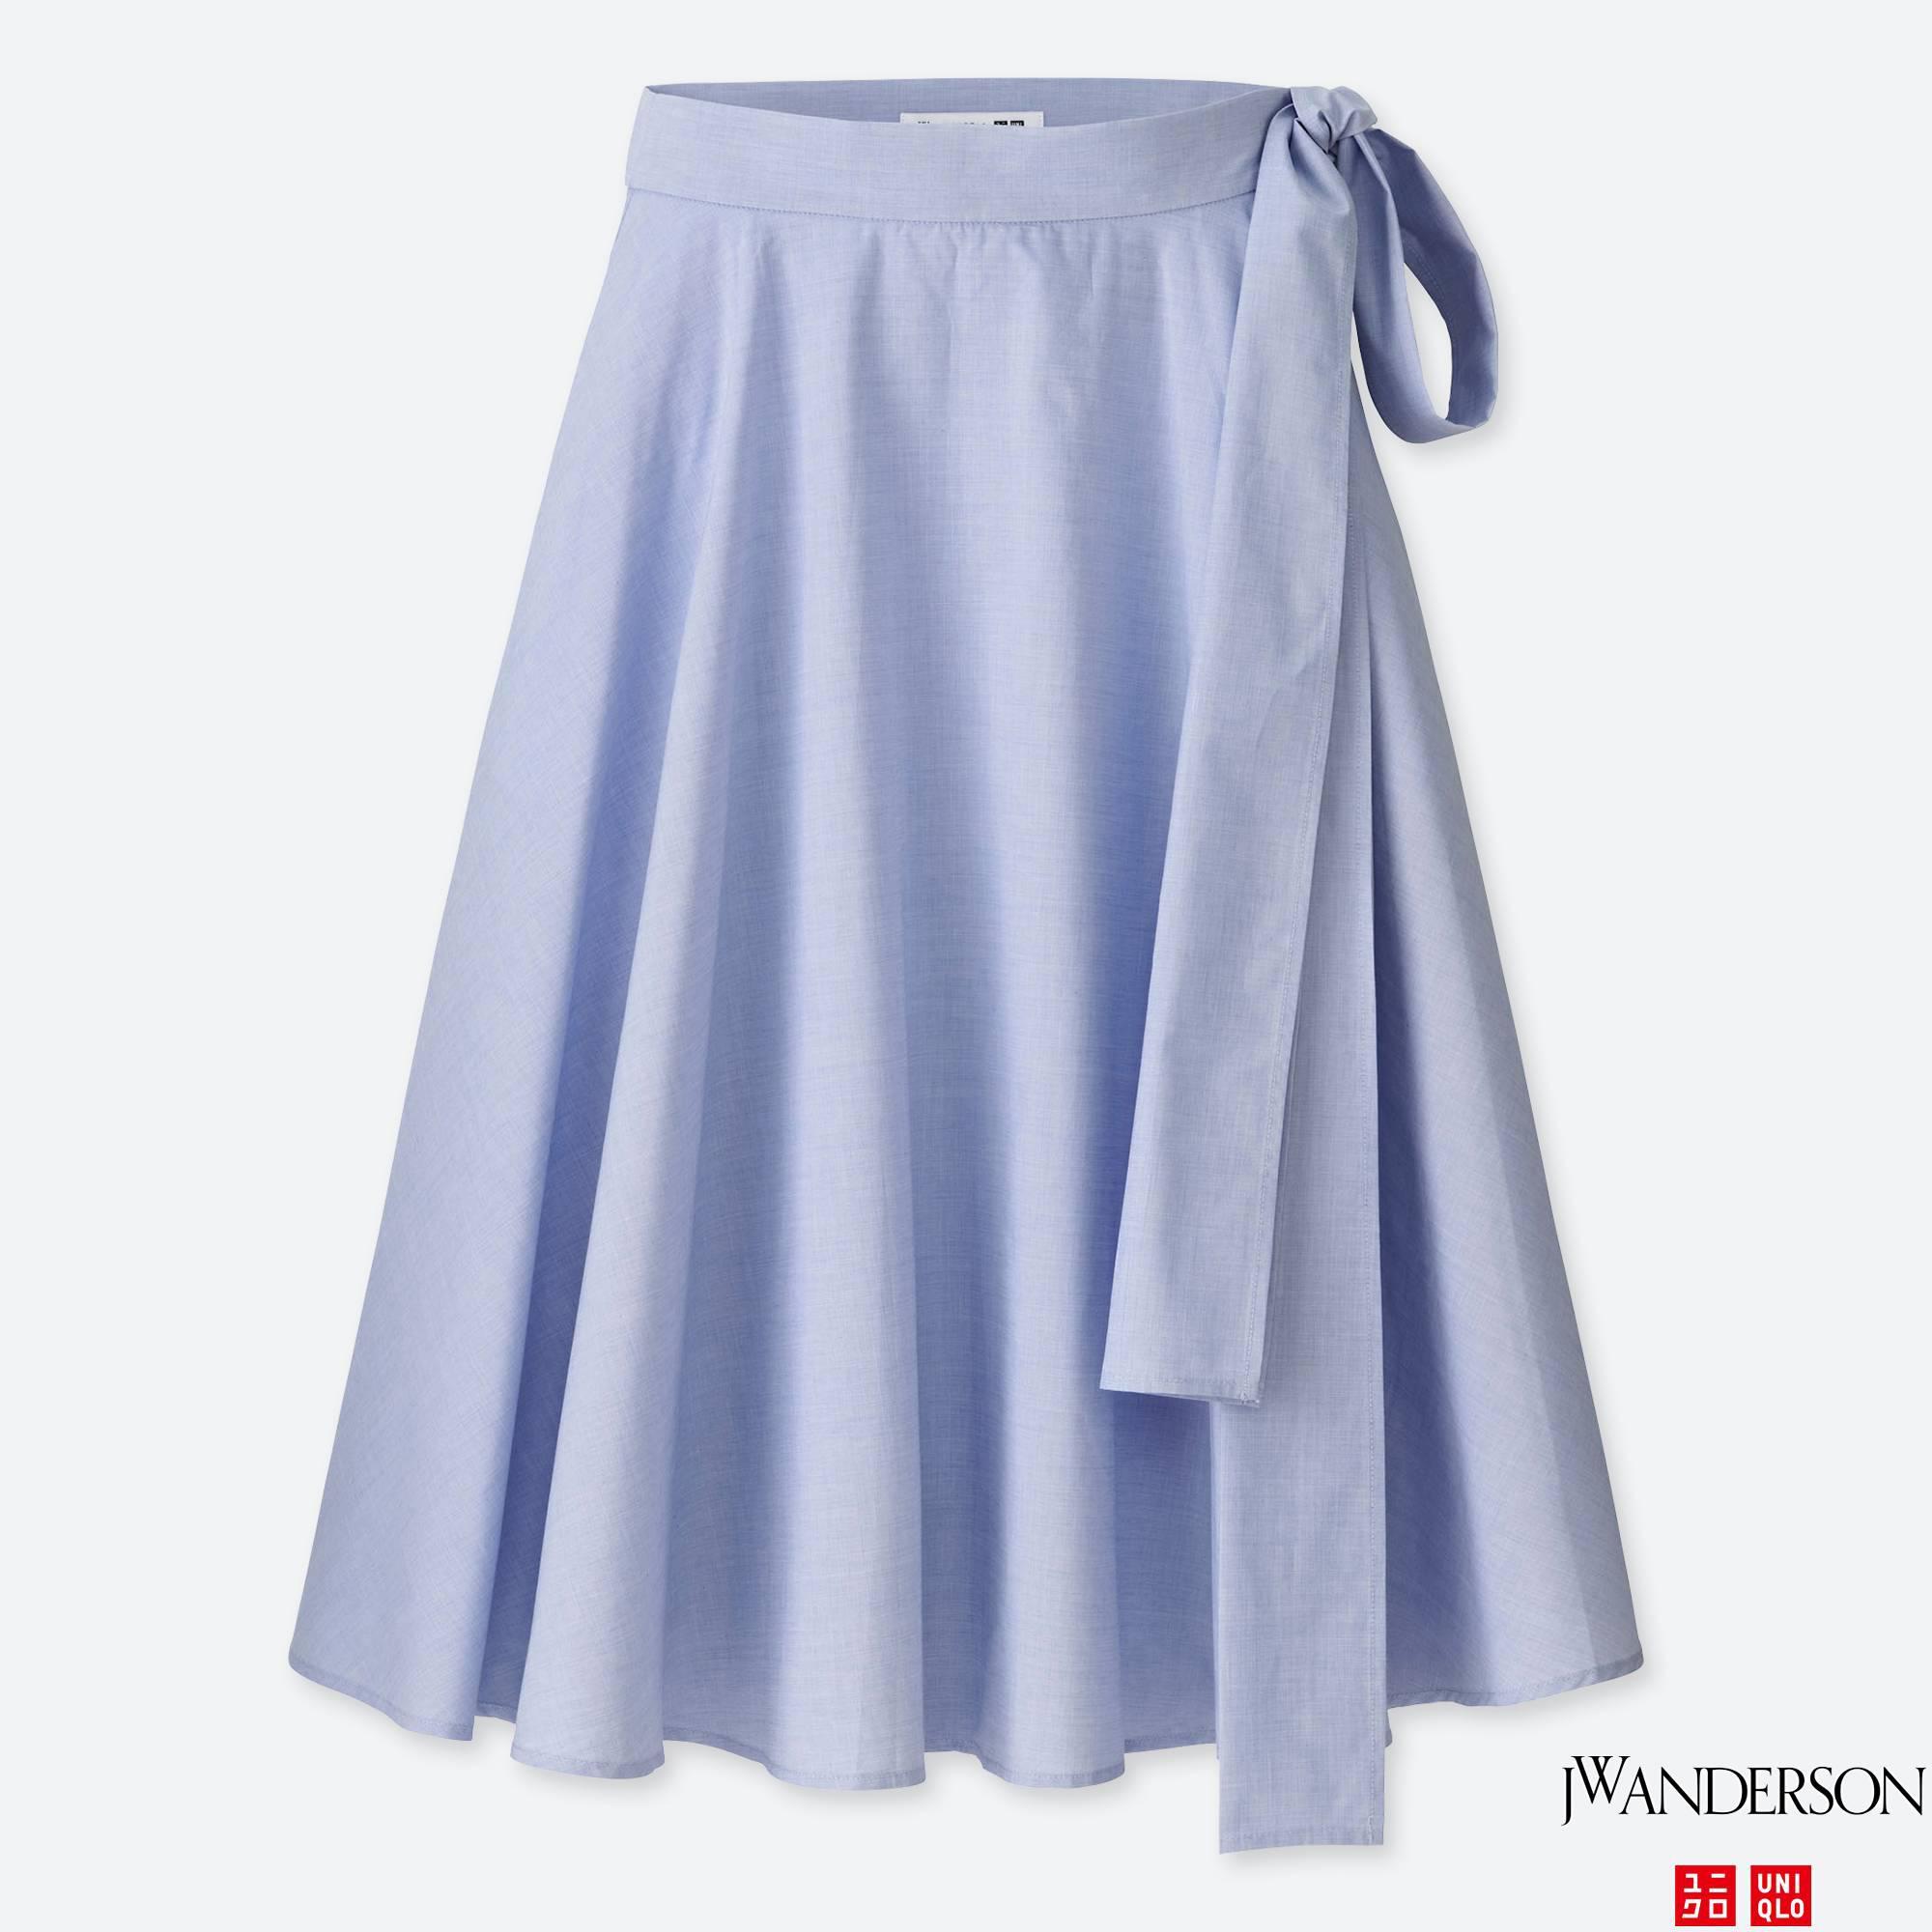 c8ecf6a938 High Waist Flared Mini Skirt Uniqlo